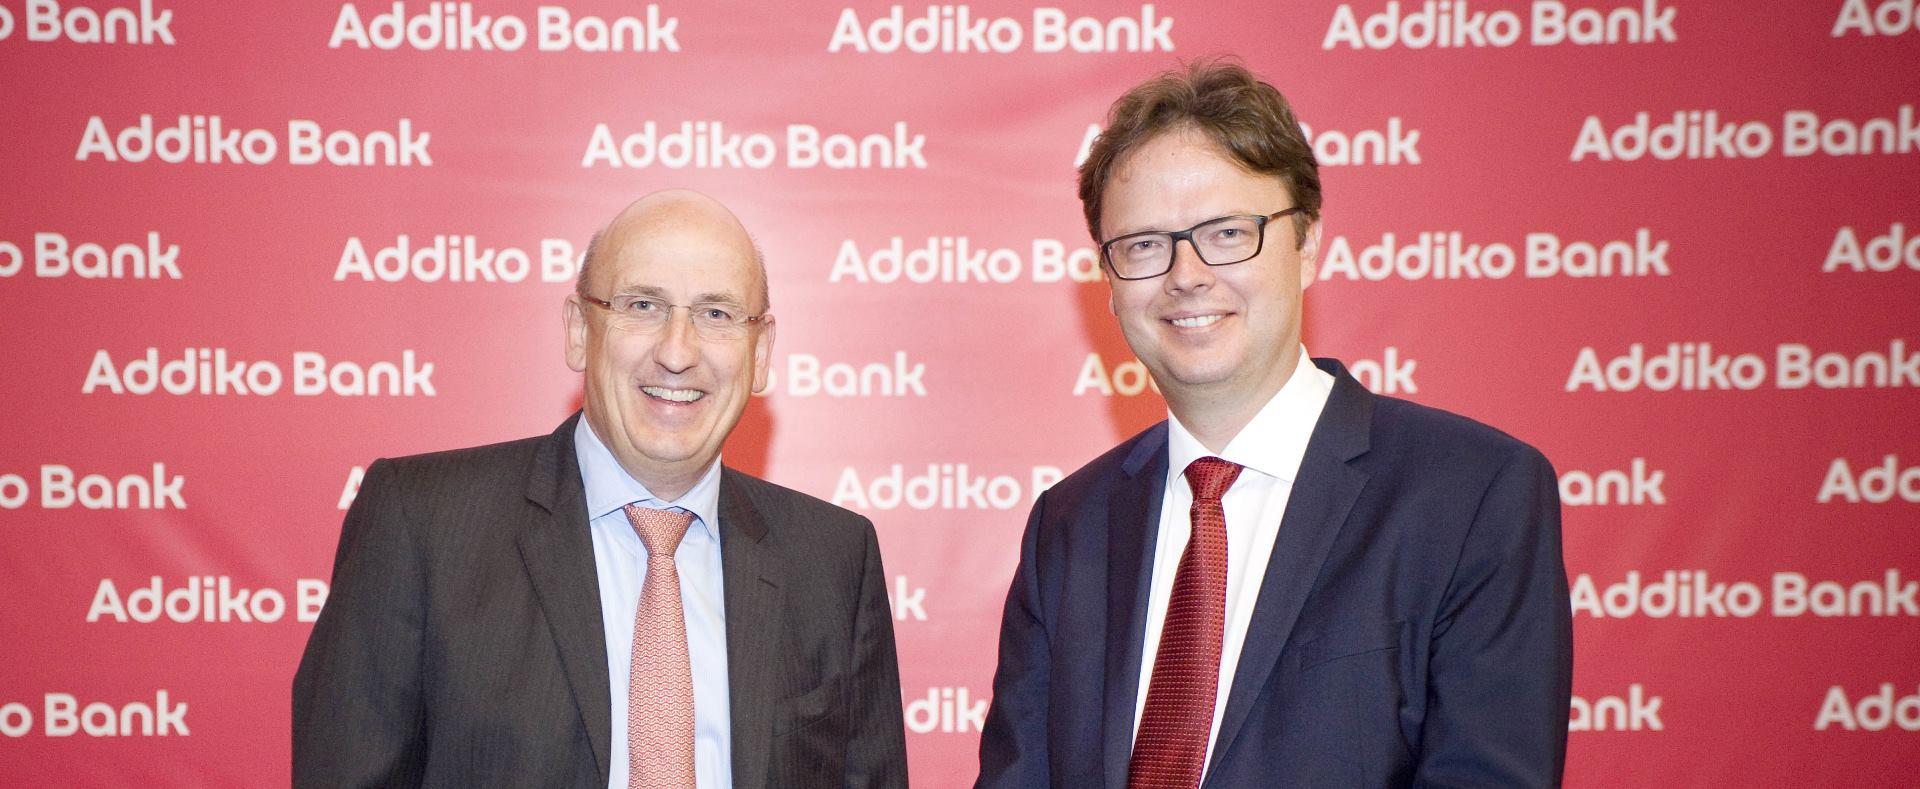 ADDIKO BANKA Novo ime bivše Hypo Group Alpe Adria koja od 11. srpnja počinje poslovati